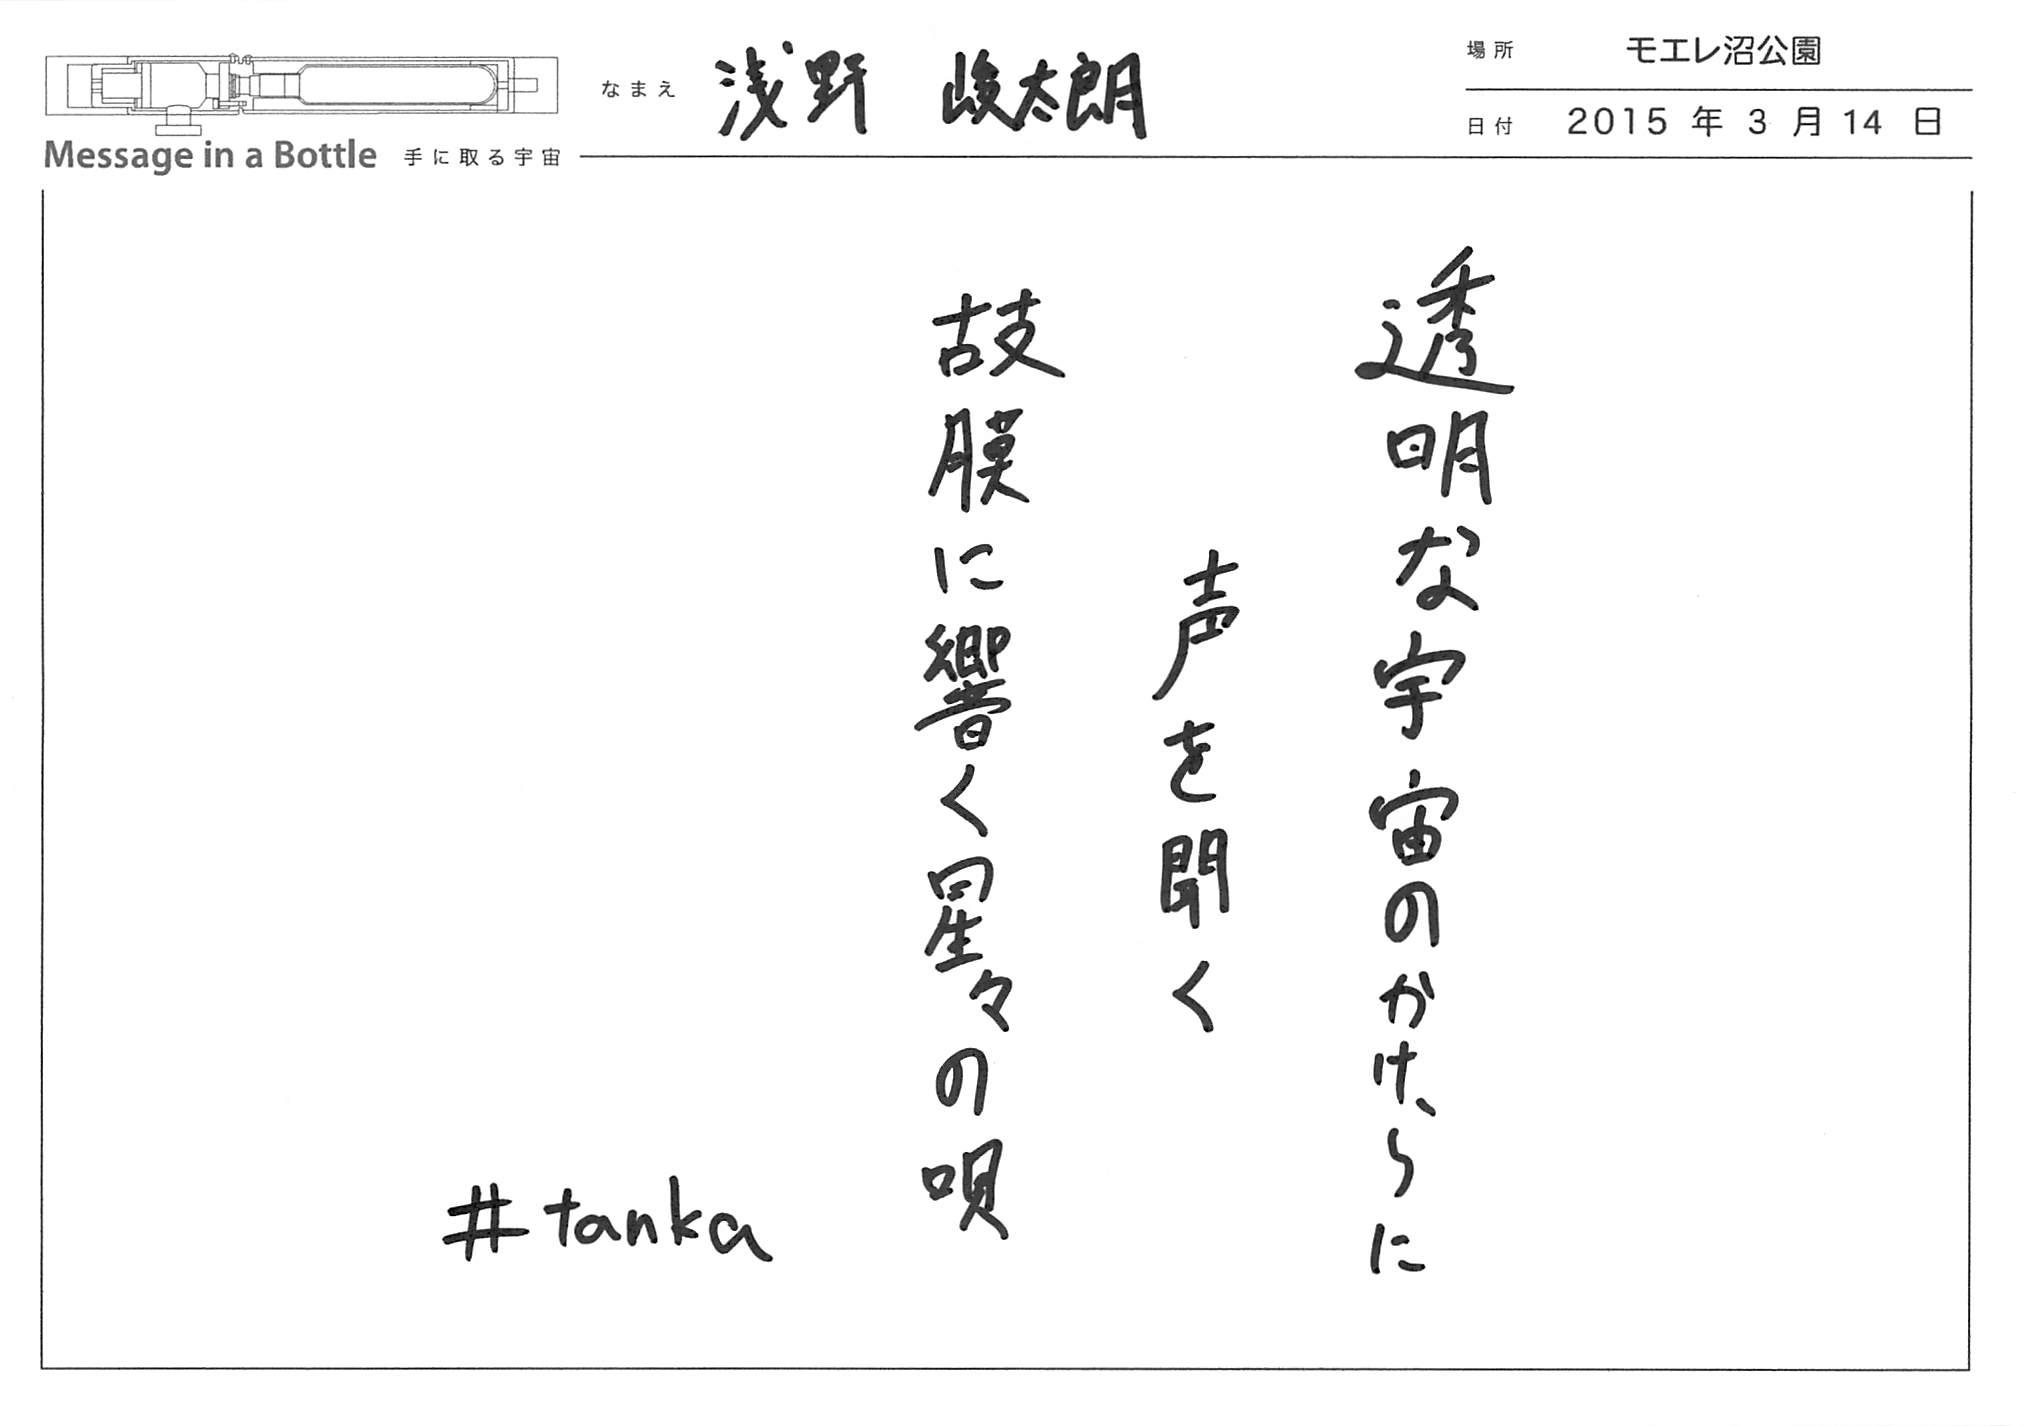 2015-03-14-18-04-19.jpg